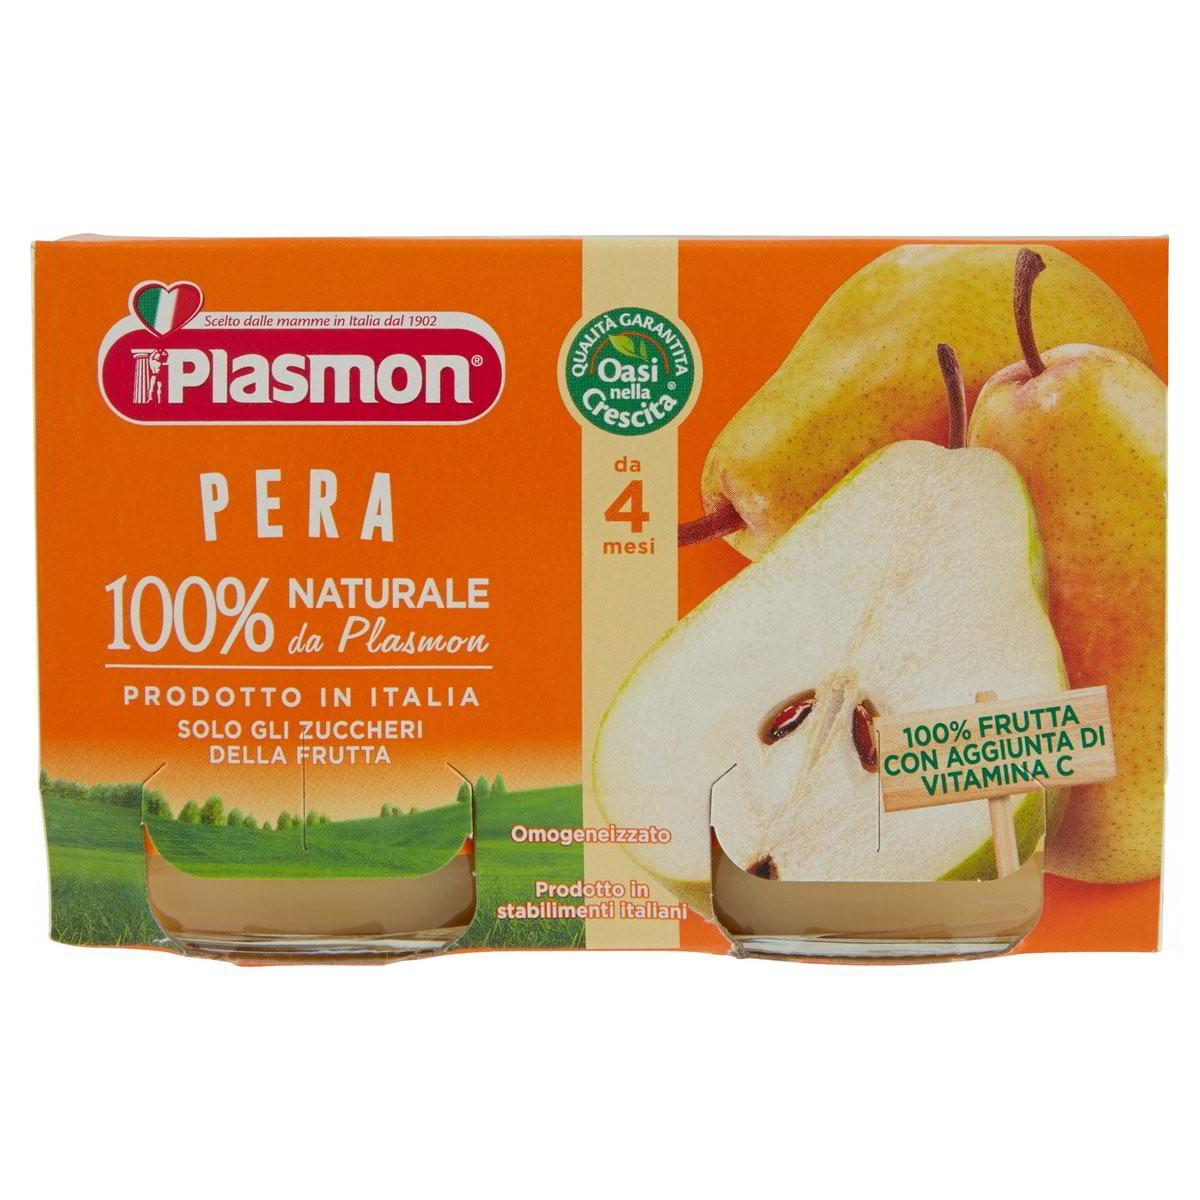 Plasmon Omogeneizzato di frutta